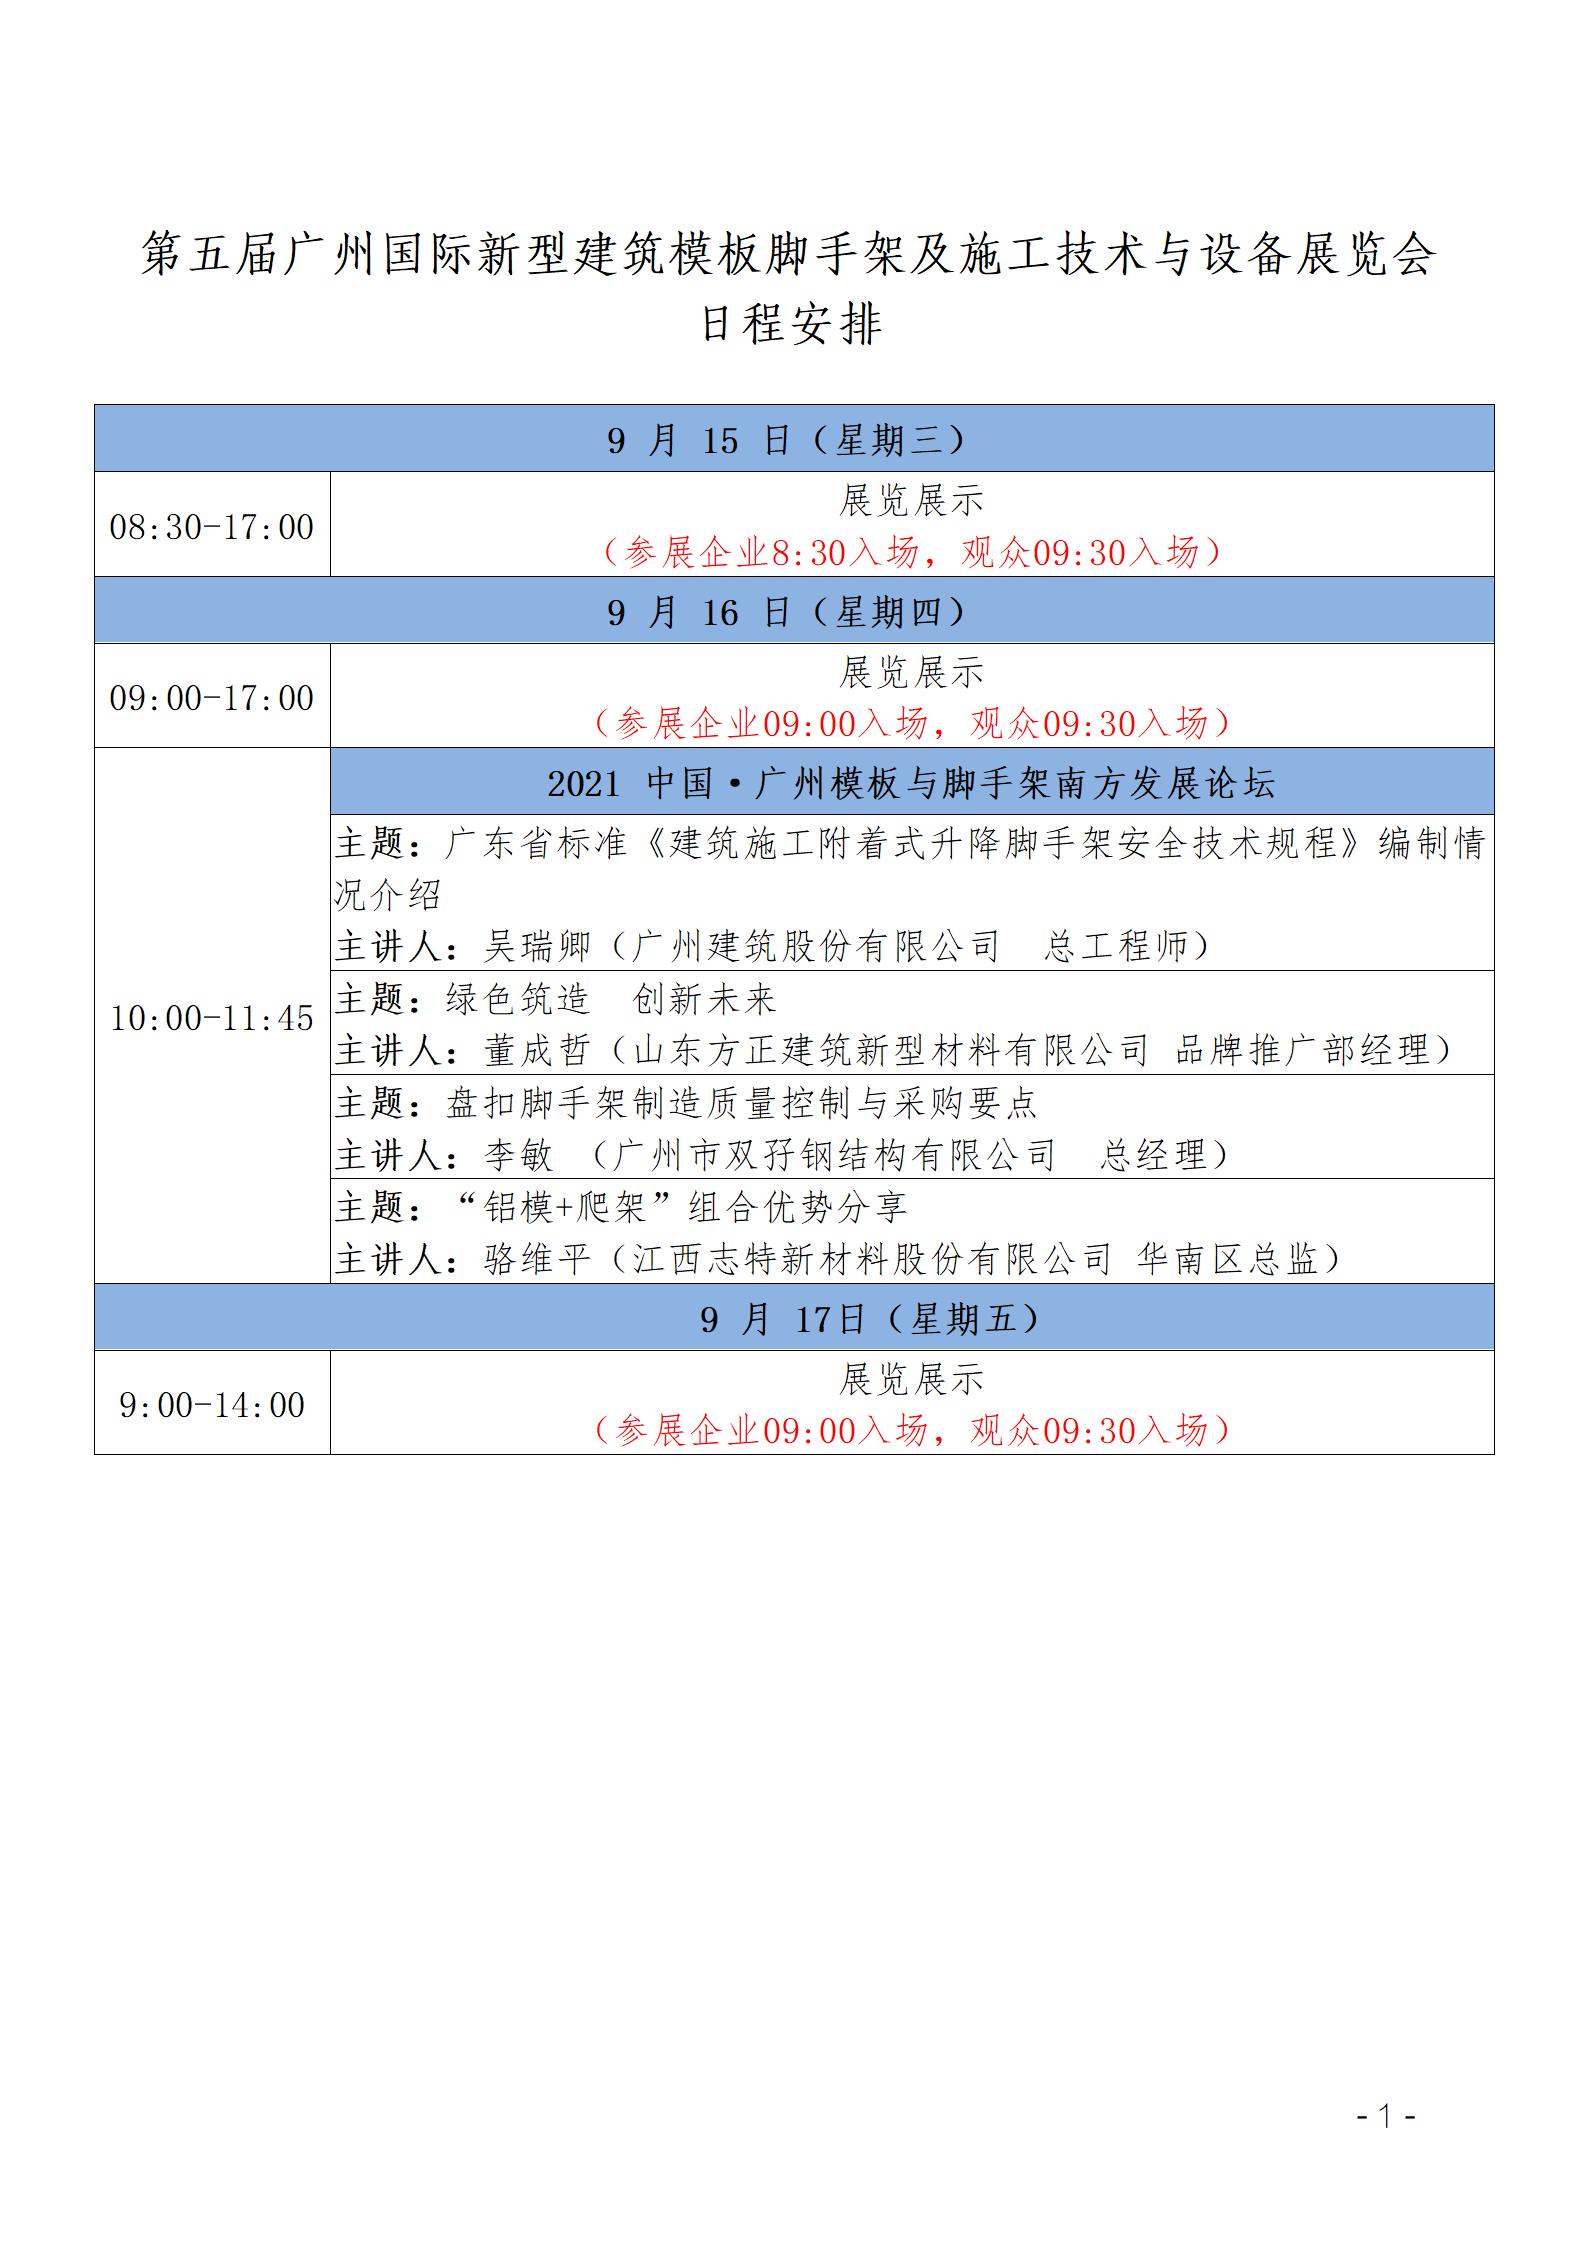 广州模架展-日程安排(最终版)_01.png